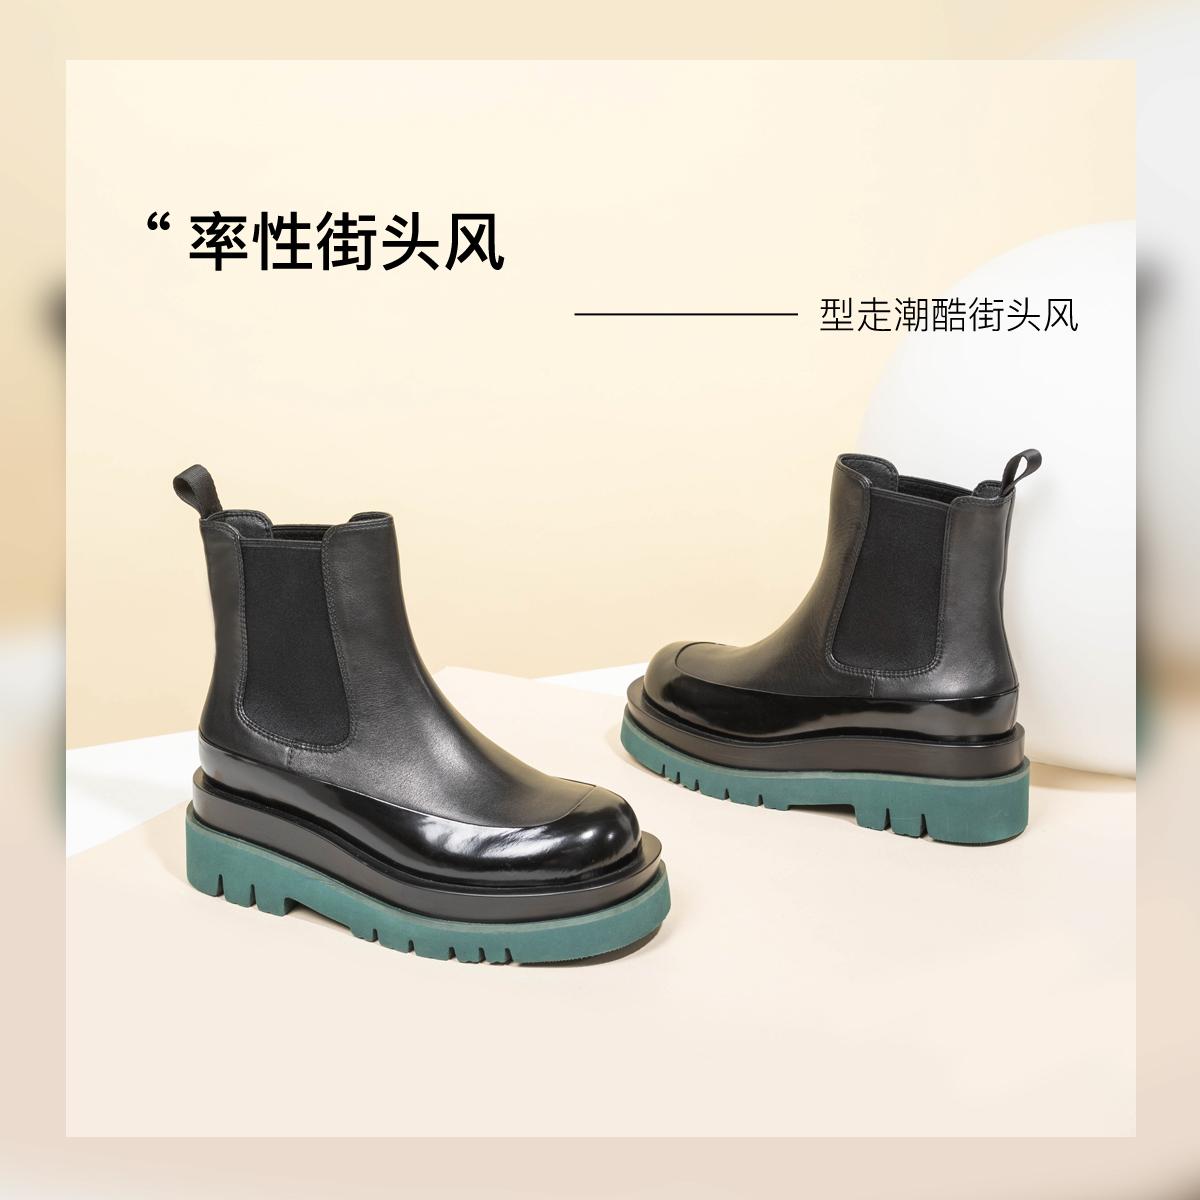 SS04116649 冬季新款圆头厚底切尔西靴短靴女靴子 2020 星期六烟筒靴